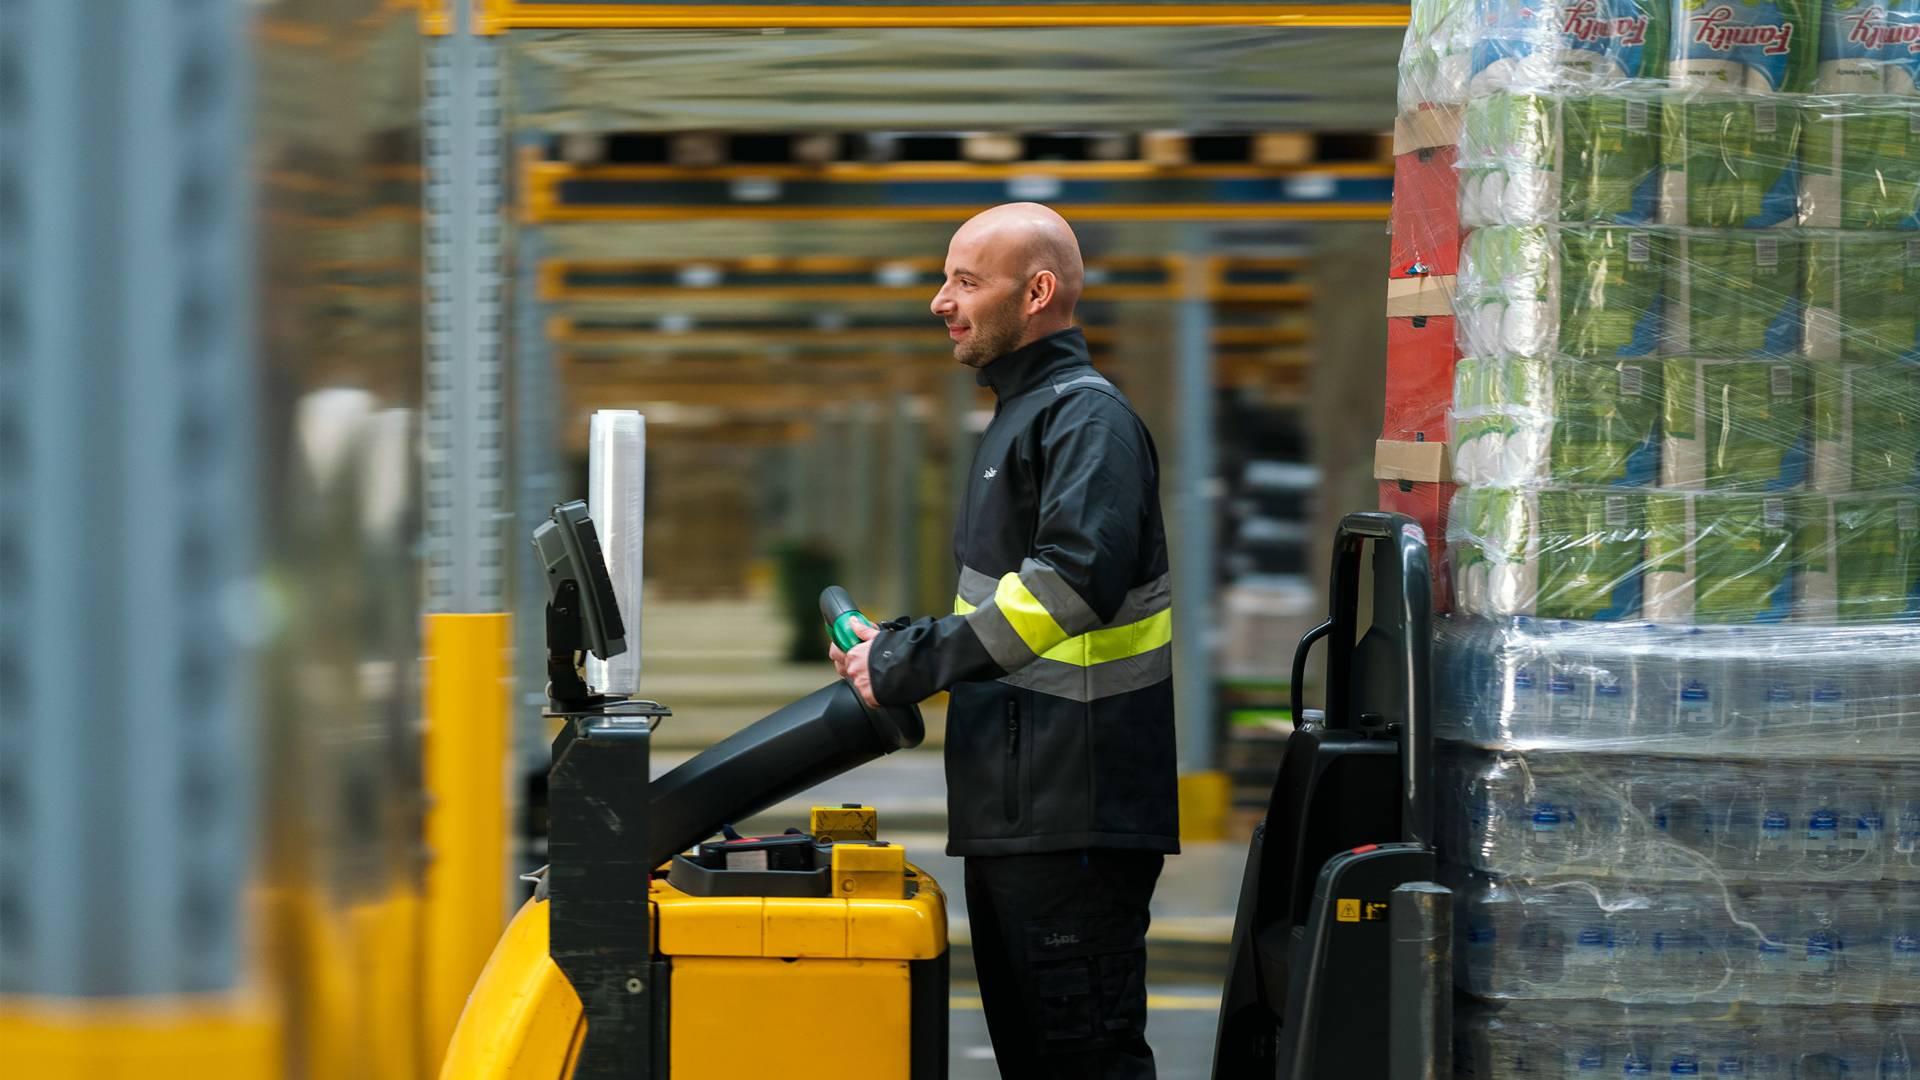 Служител в склад управлява мотокар със стоки от поръчка